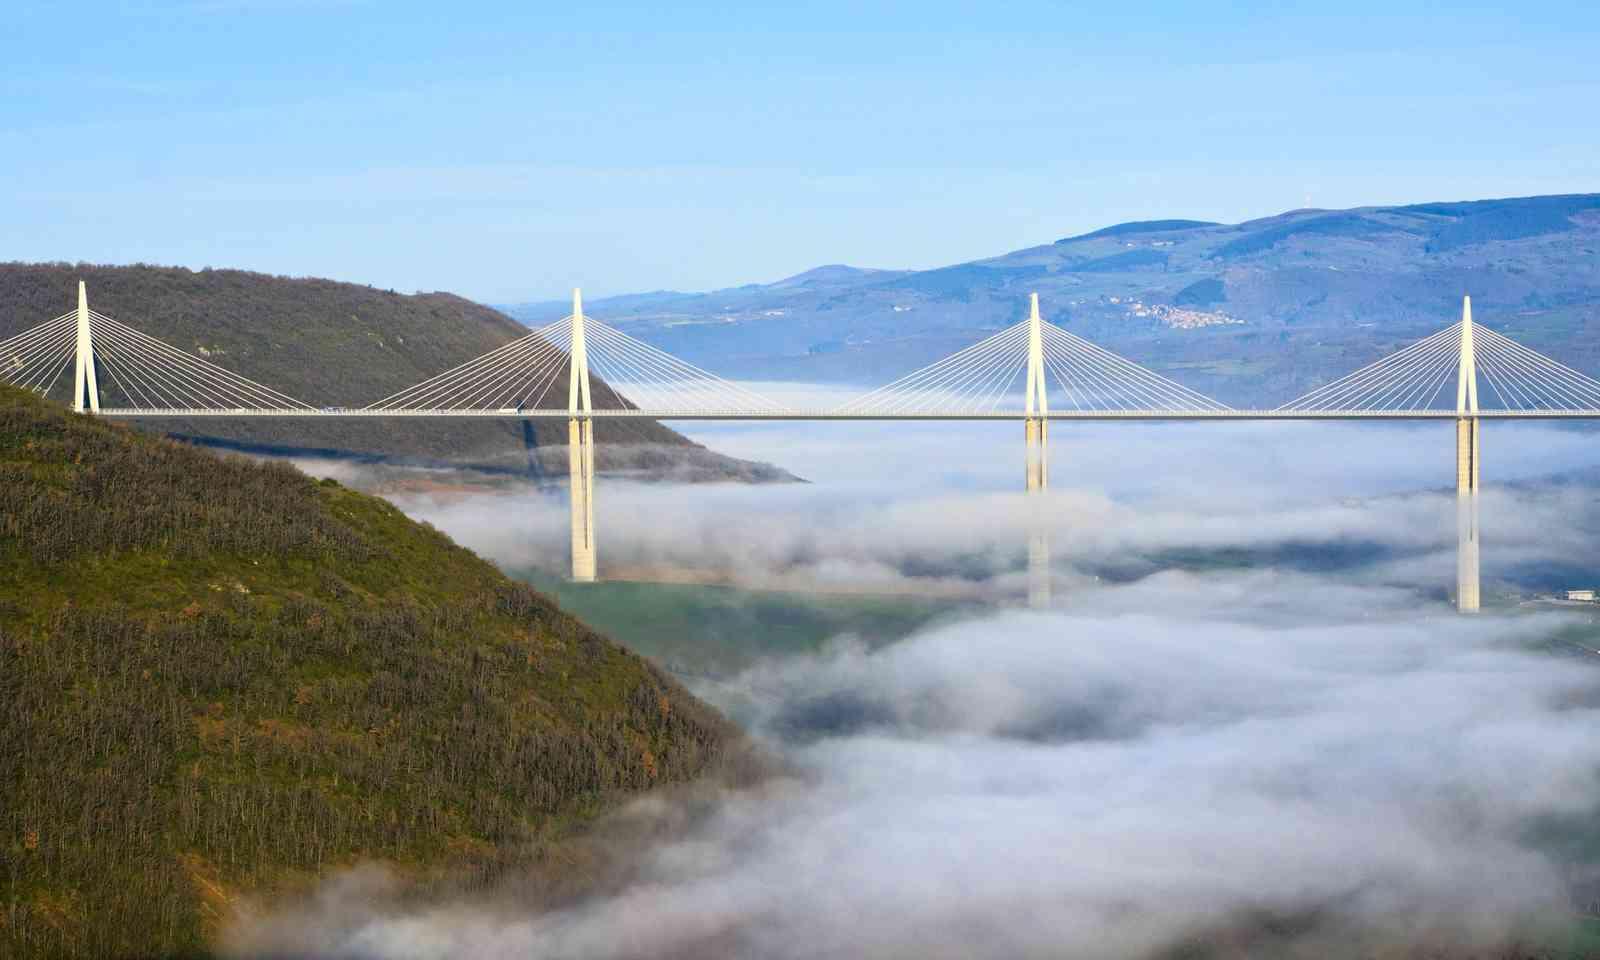 Morning mist over Millau Viaduct (Dreamstime)